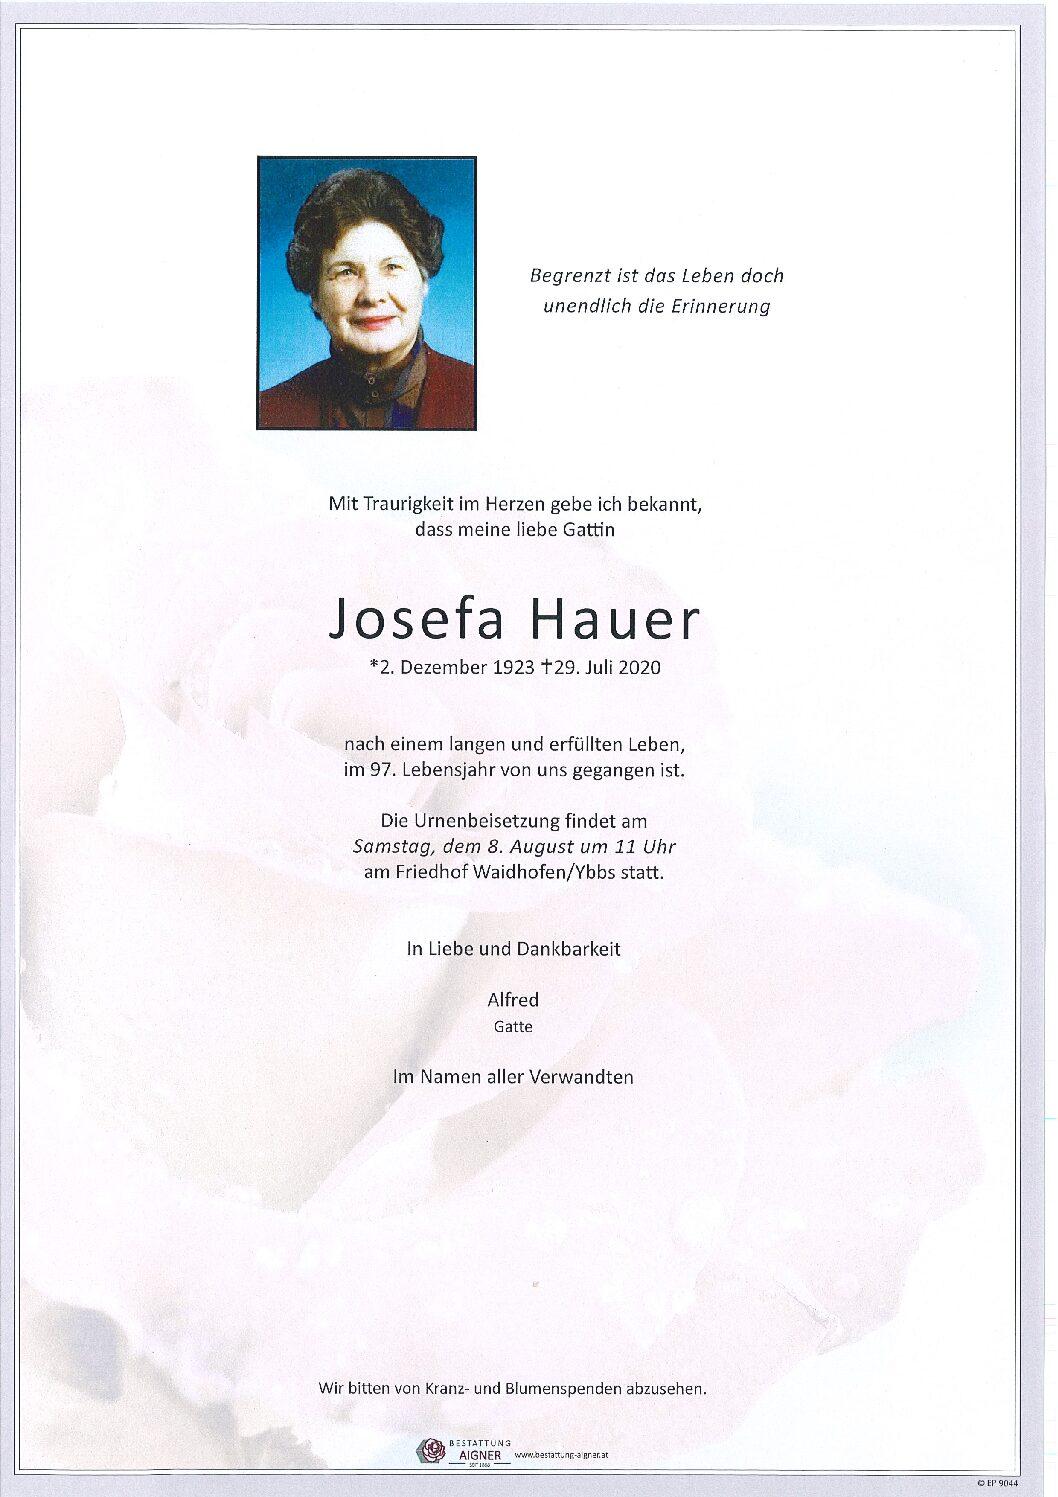 Josefa Hauer